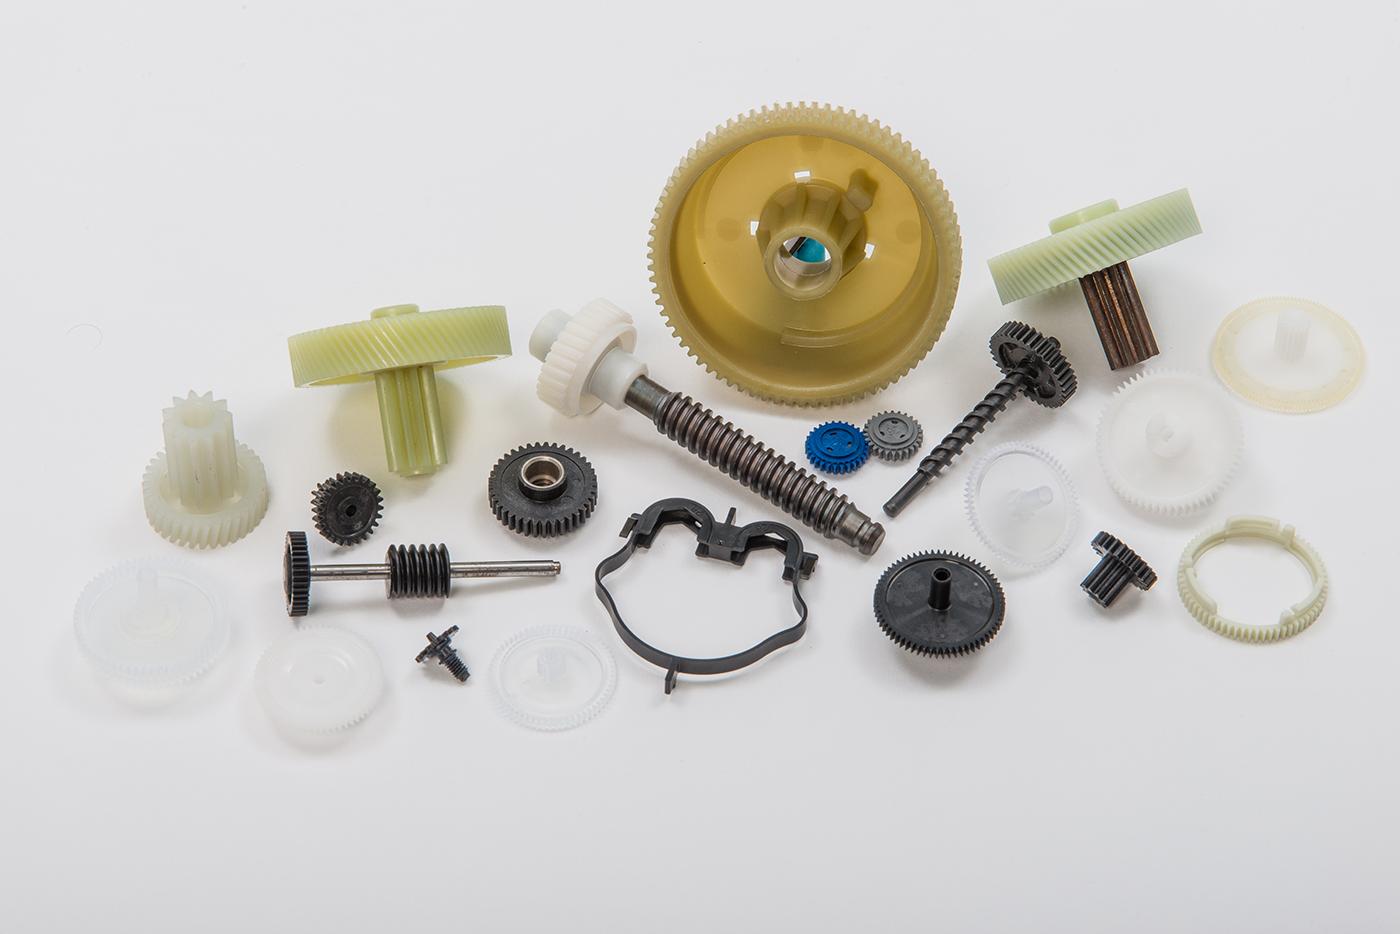 Gears | Accudyn Products, Inc